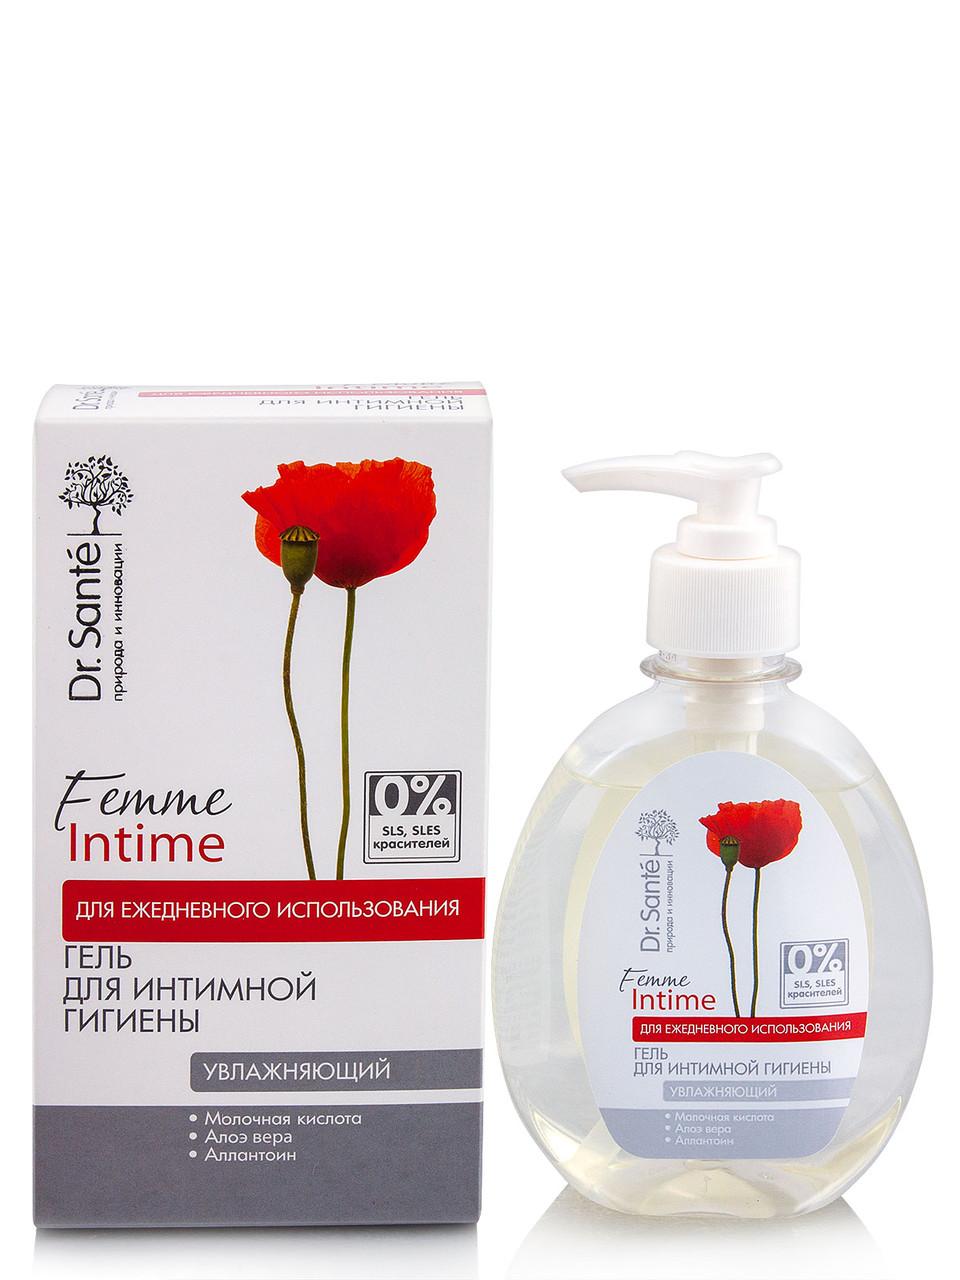 Зволожуючий гель для інтимної гігієни Dr.Sante Femme Intime, 230 мл